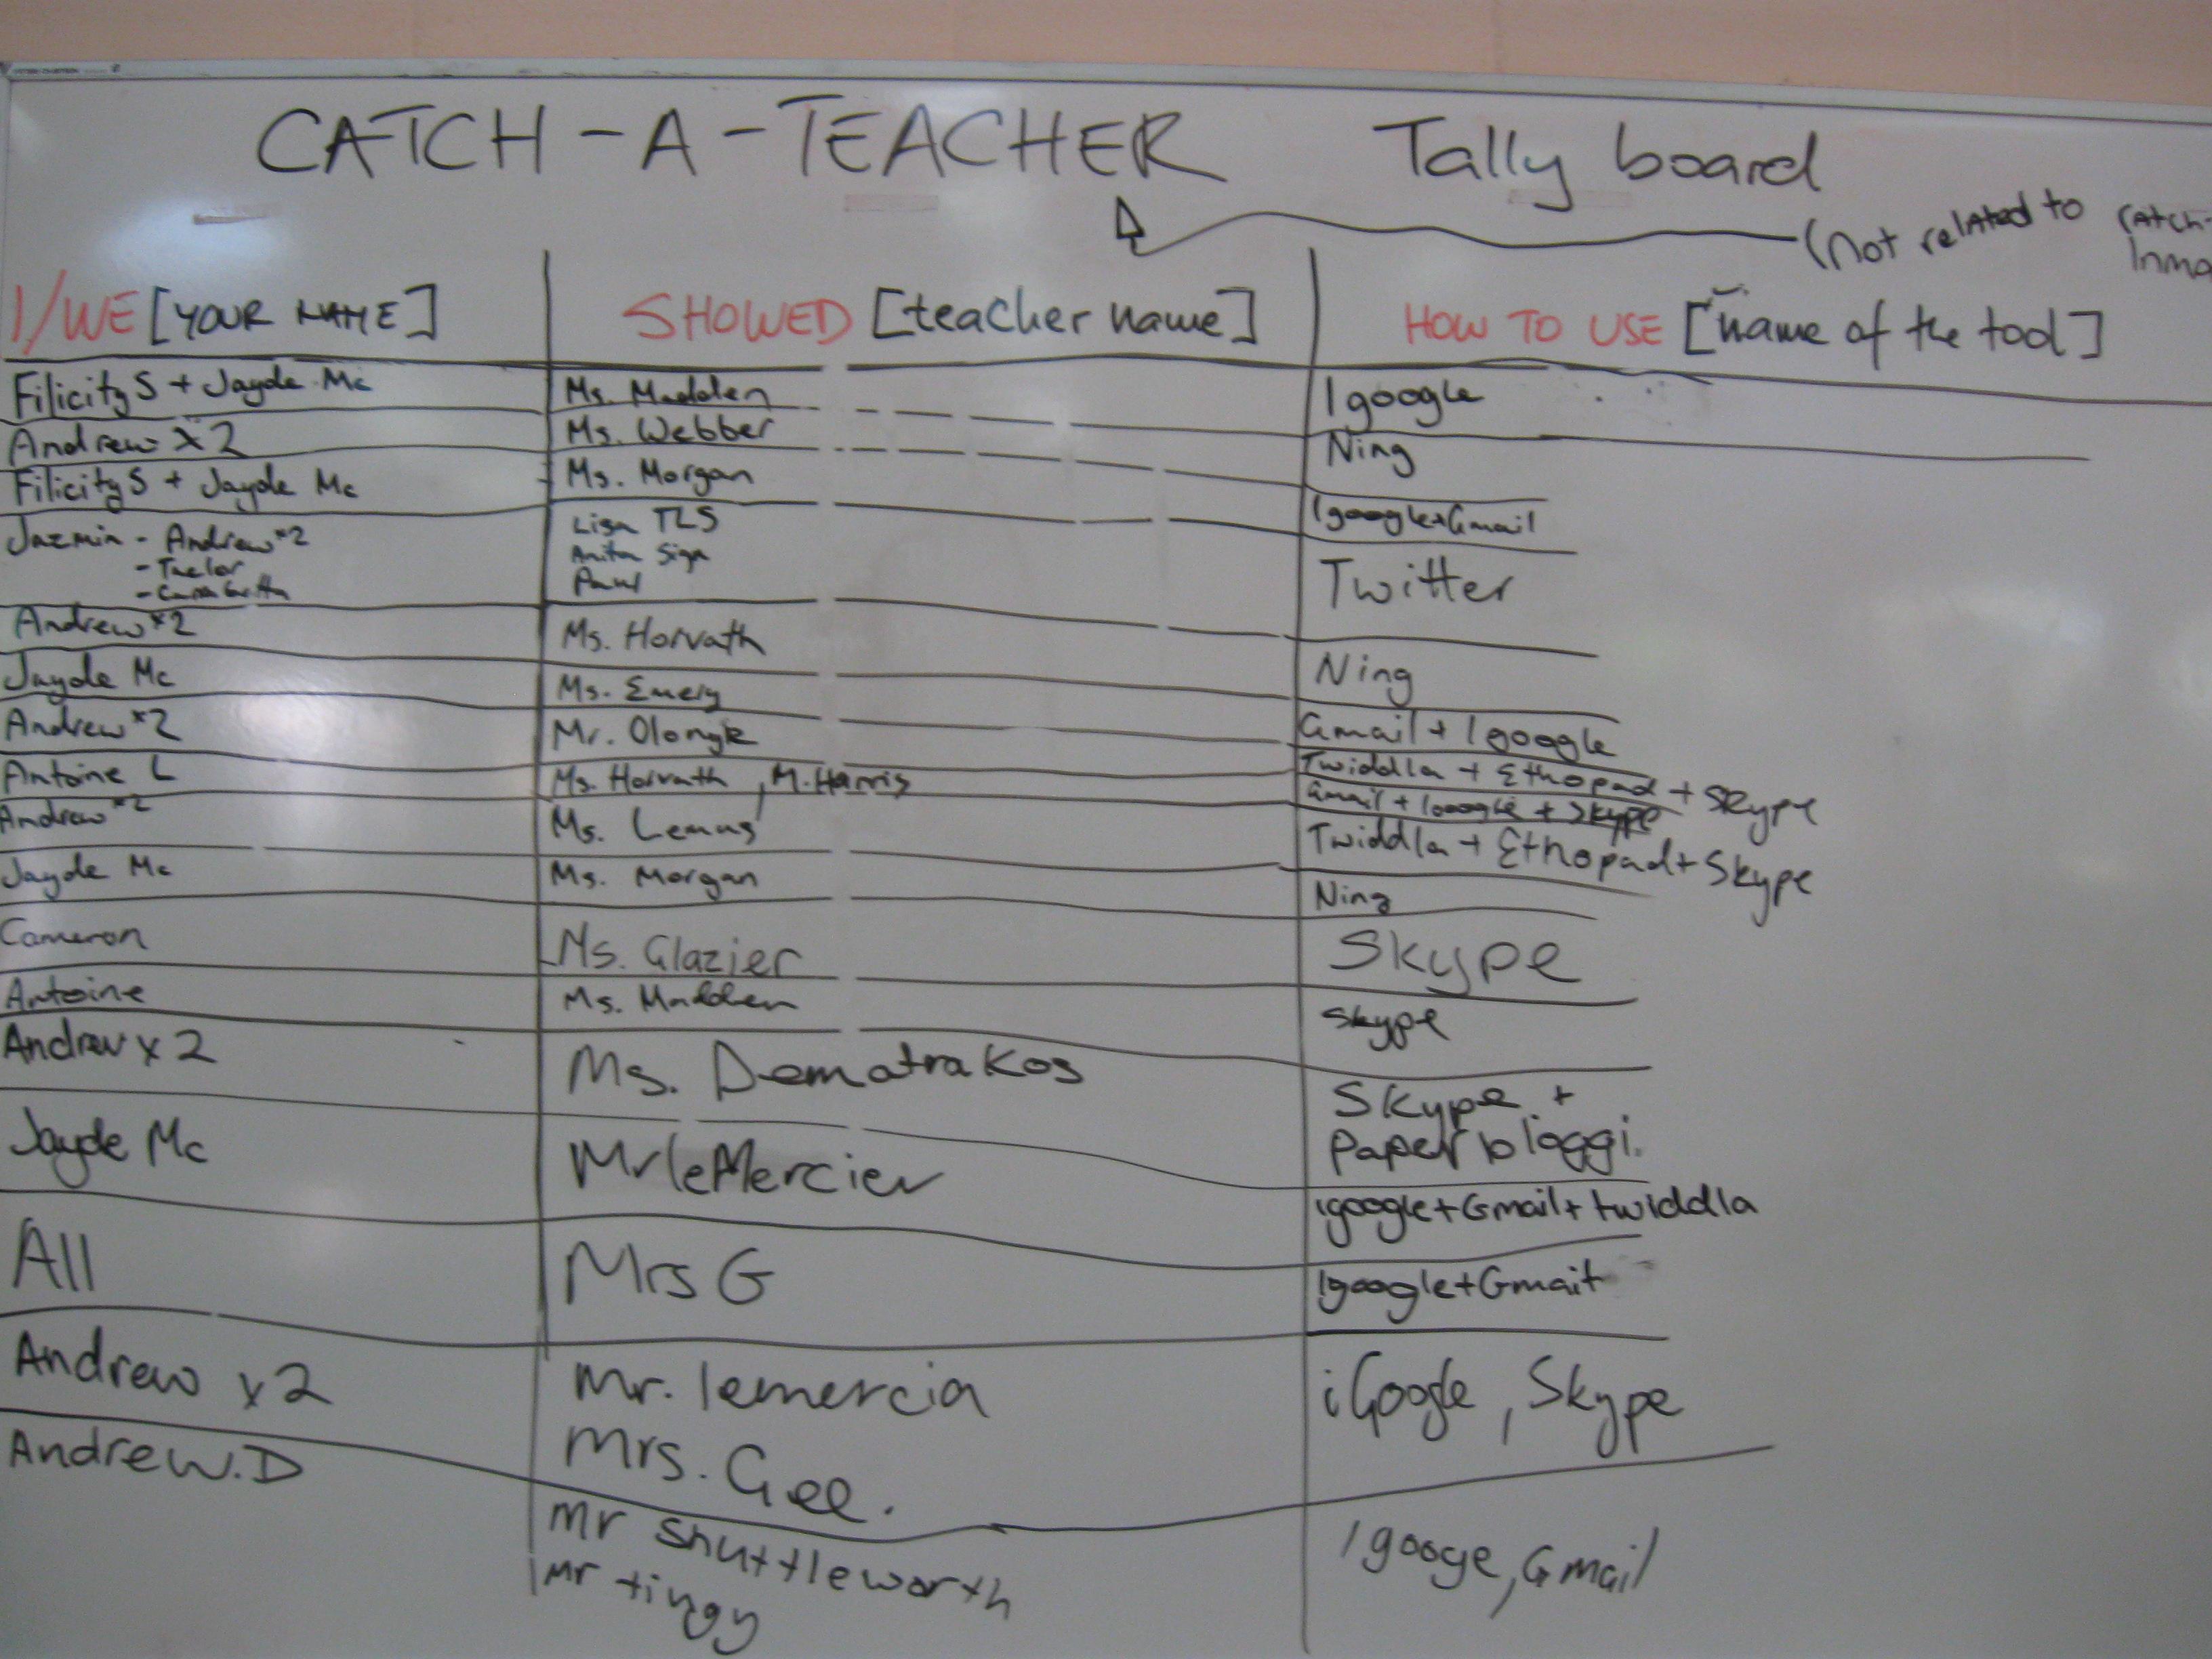 Catch-A-Teacher Day | Human